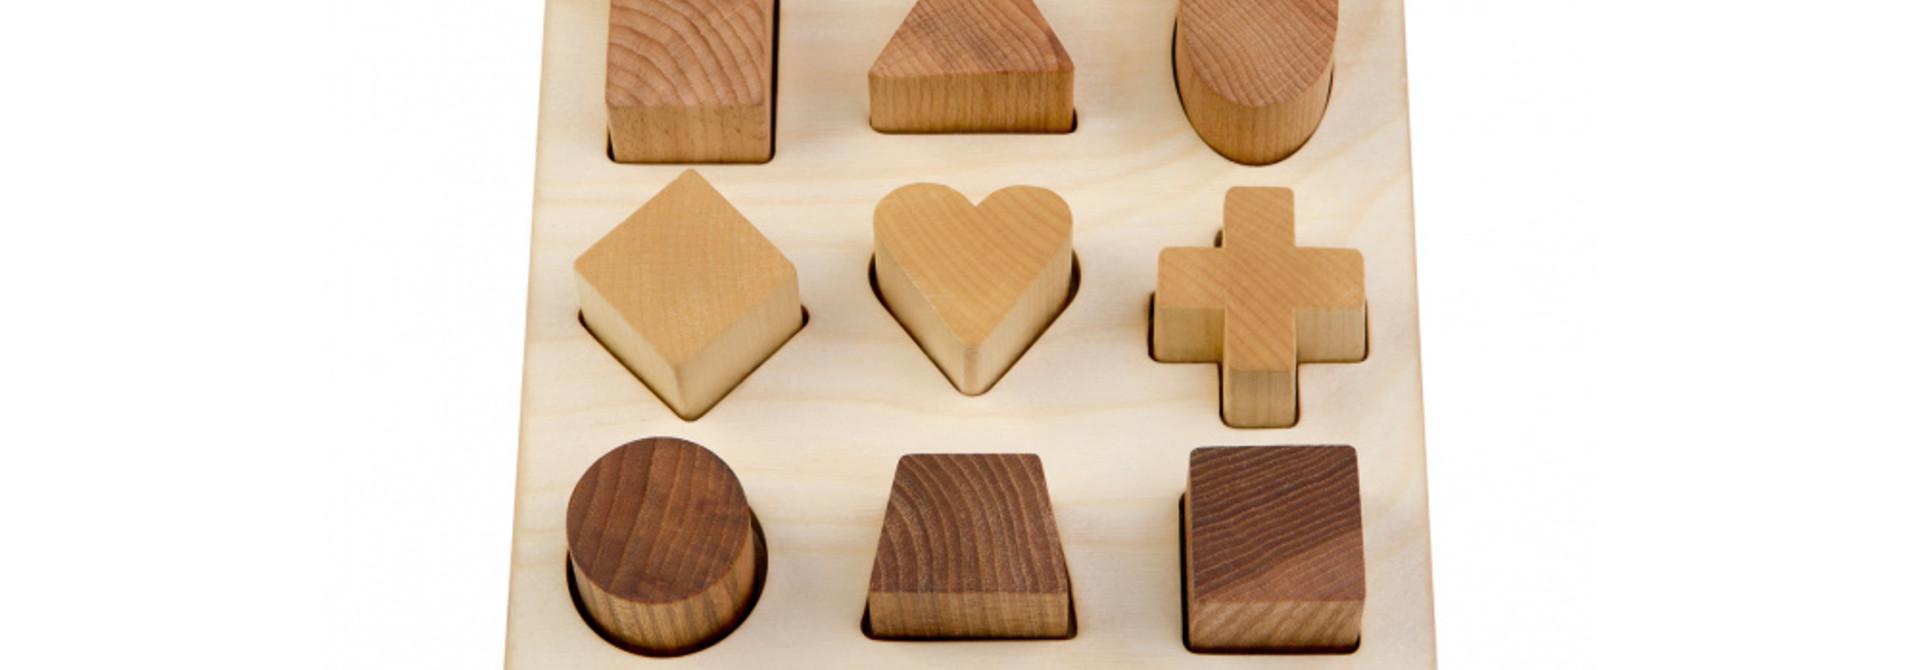 Natural Shape puzzle